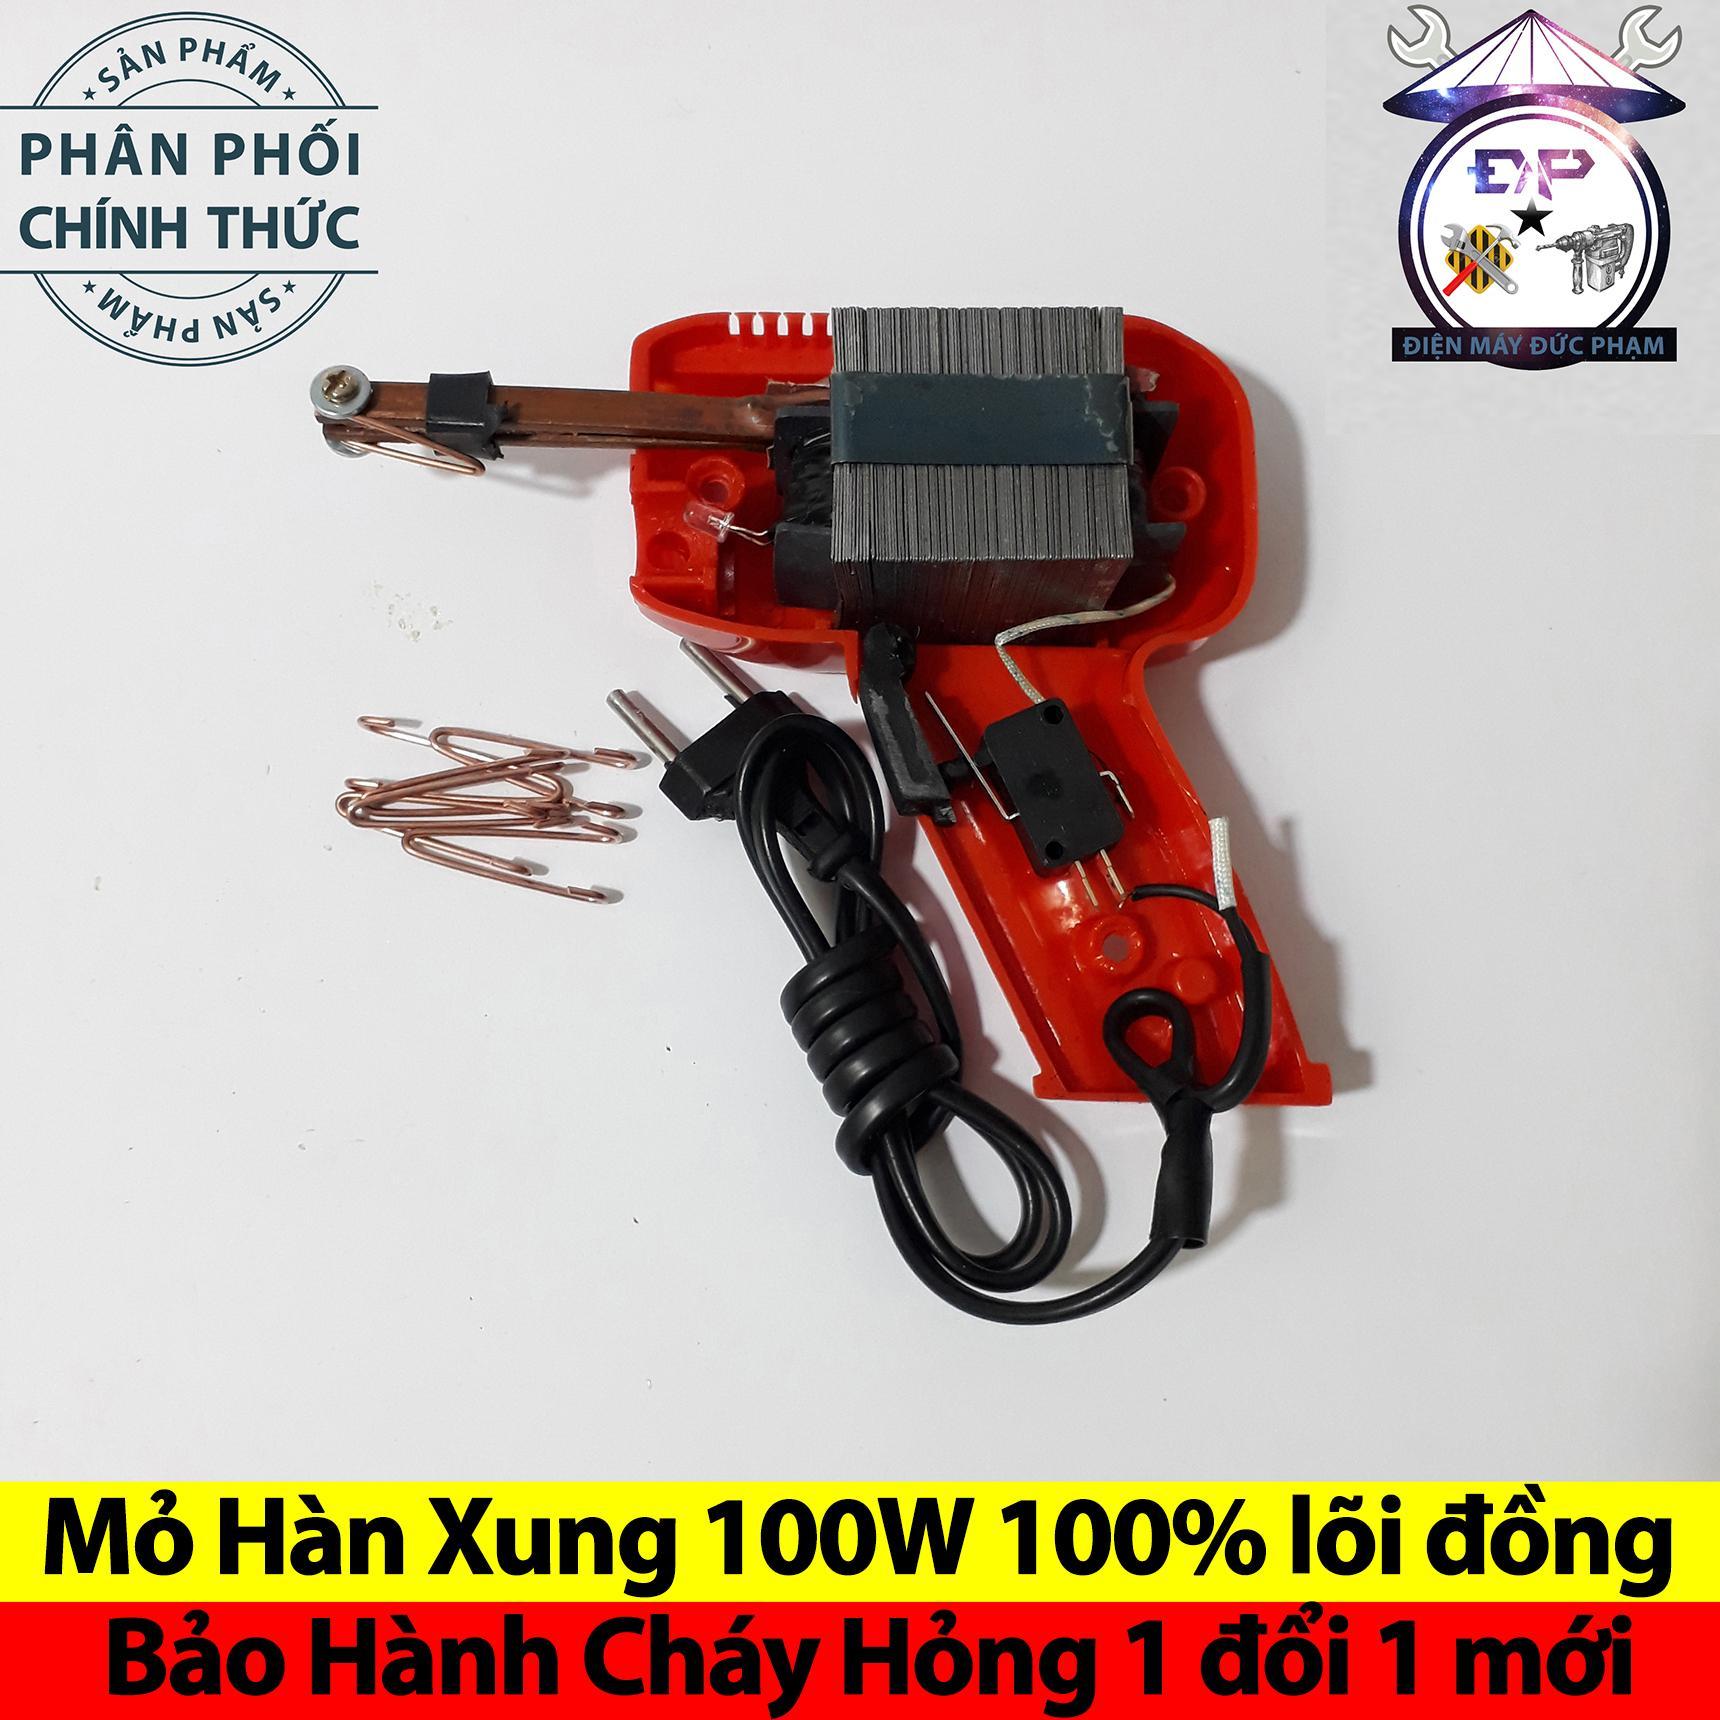 Mỏ Hàn Xung 100W lõi đồng 100% + 5 đầu hàn